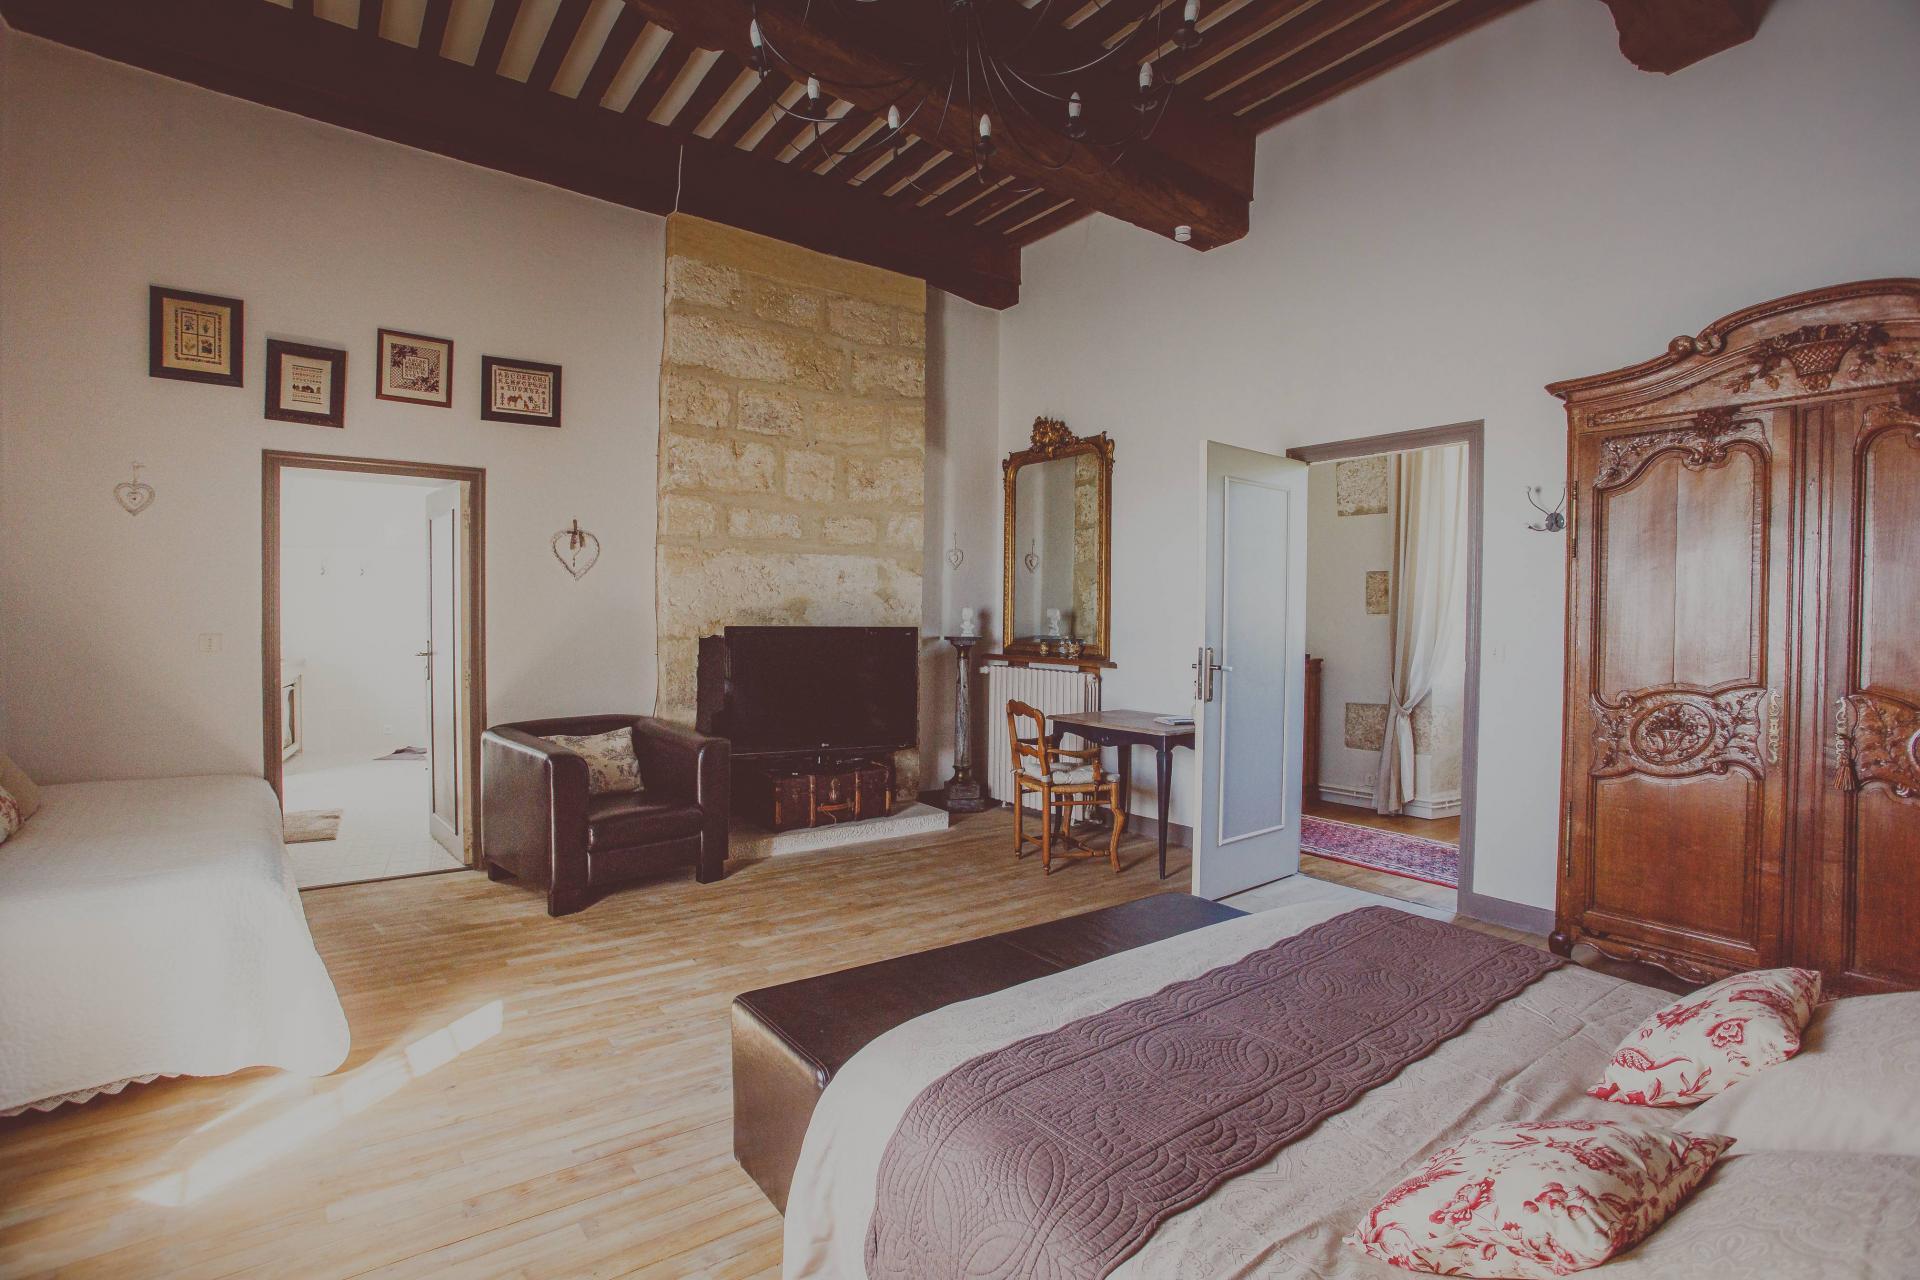 Victoria's Bedroom